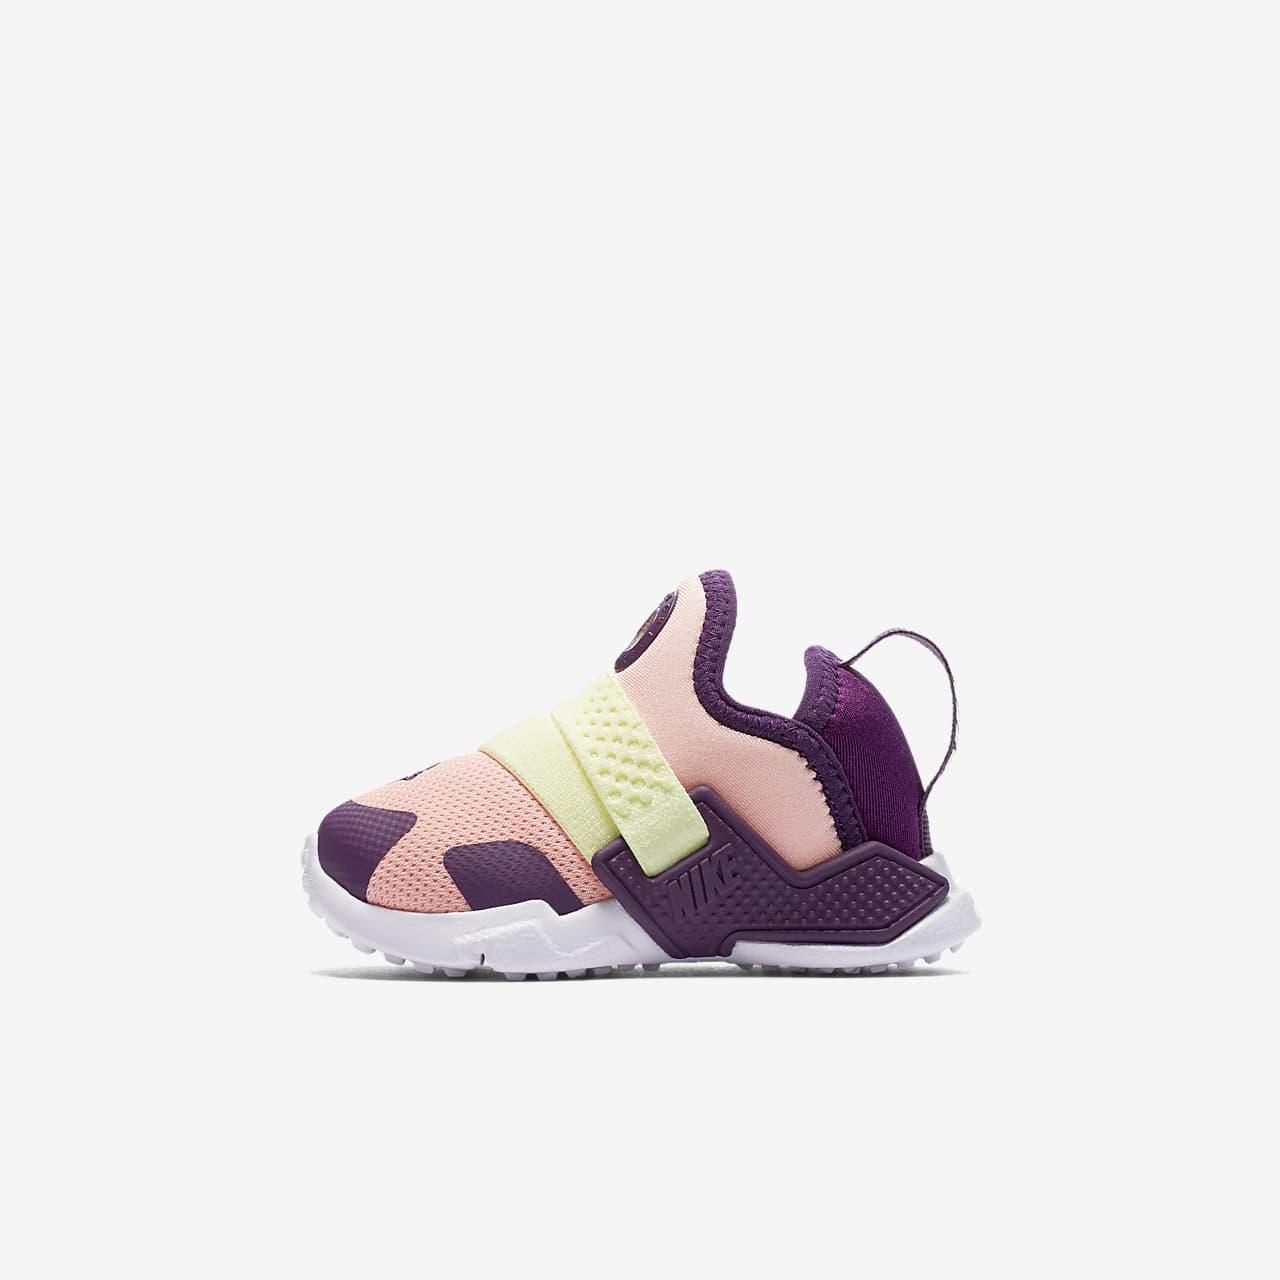 Nike Huarache Extreme Infant/Toddler Shoe